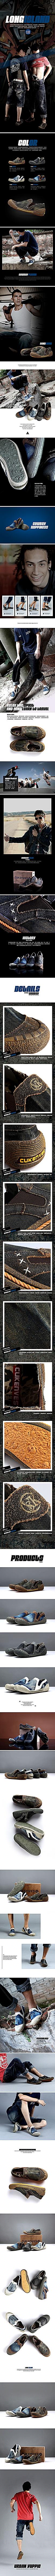 长岛时尚潮流帆布鞋细节详情页PSD素材